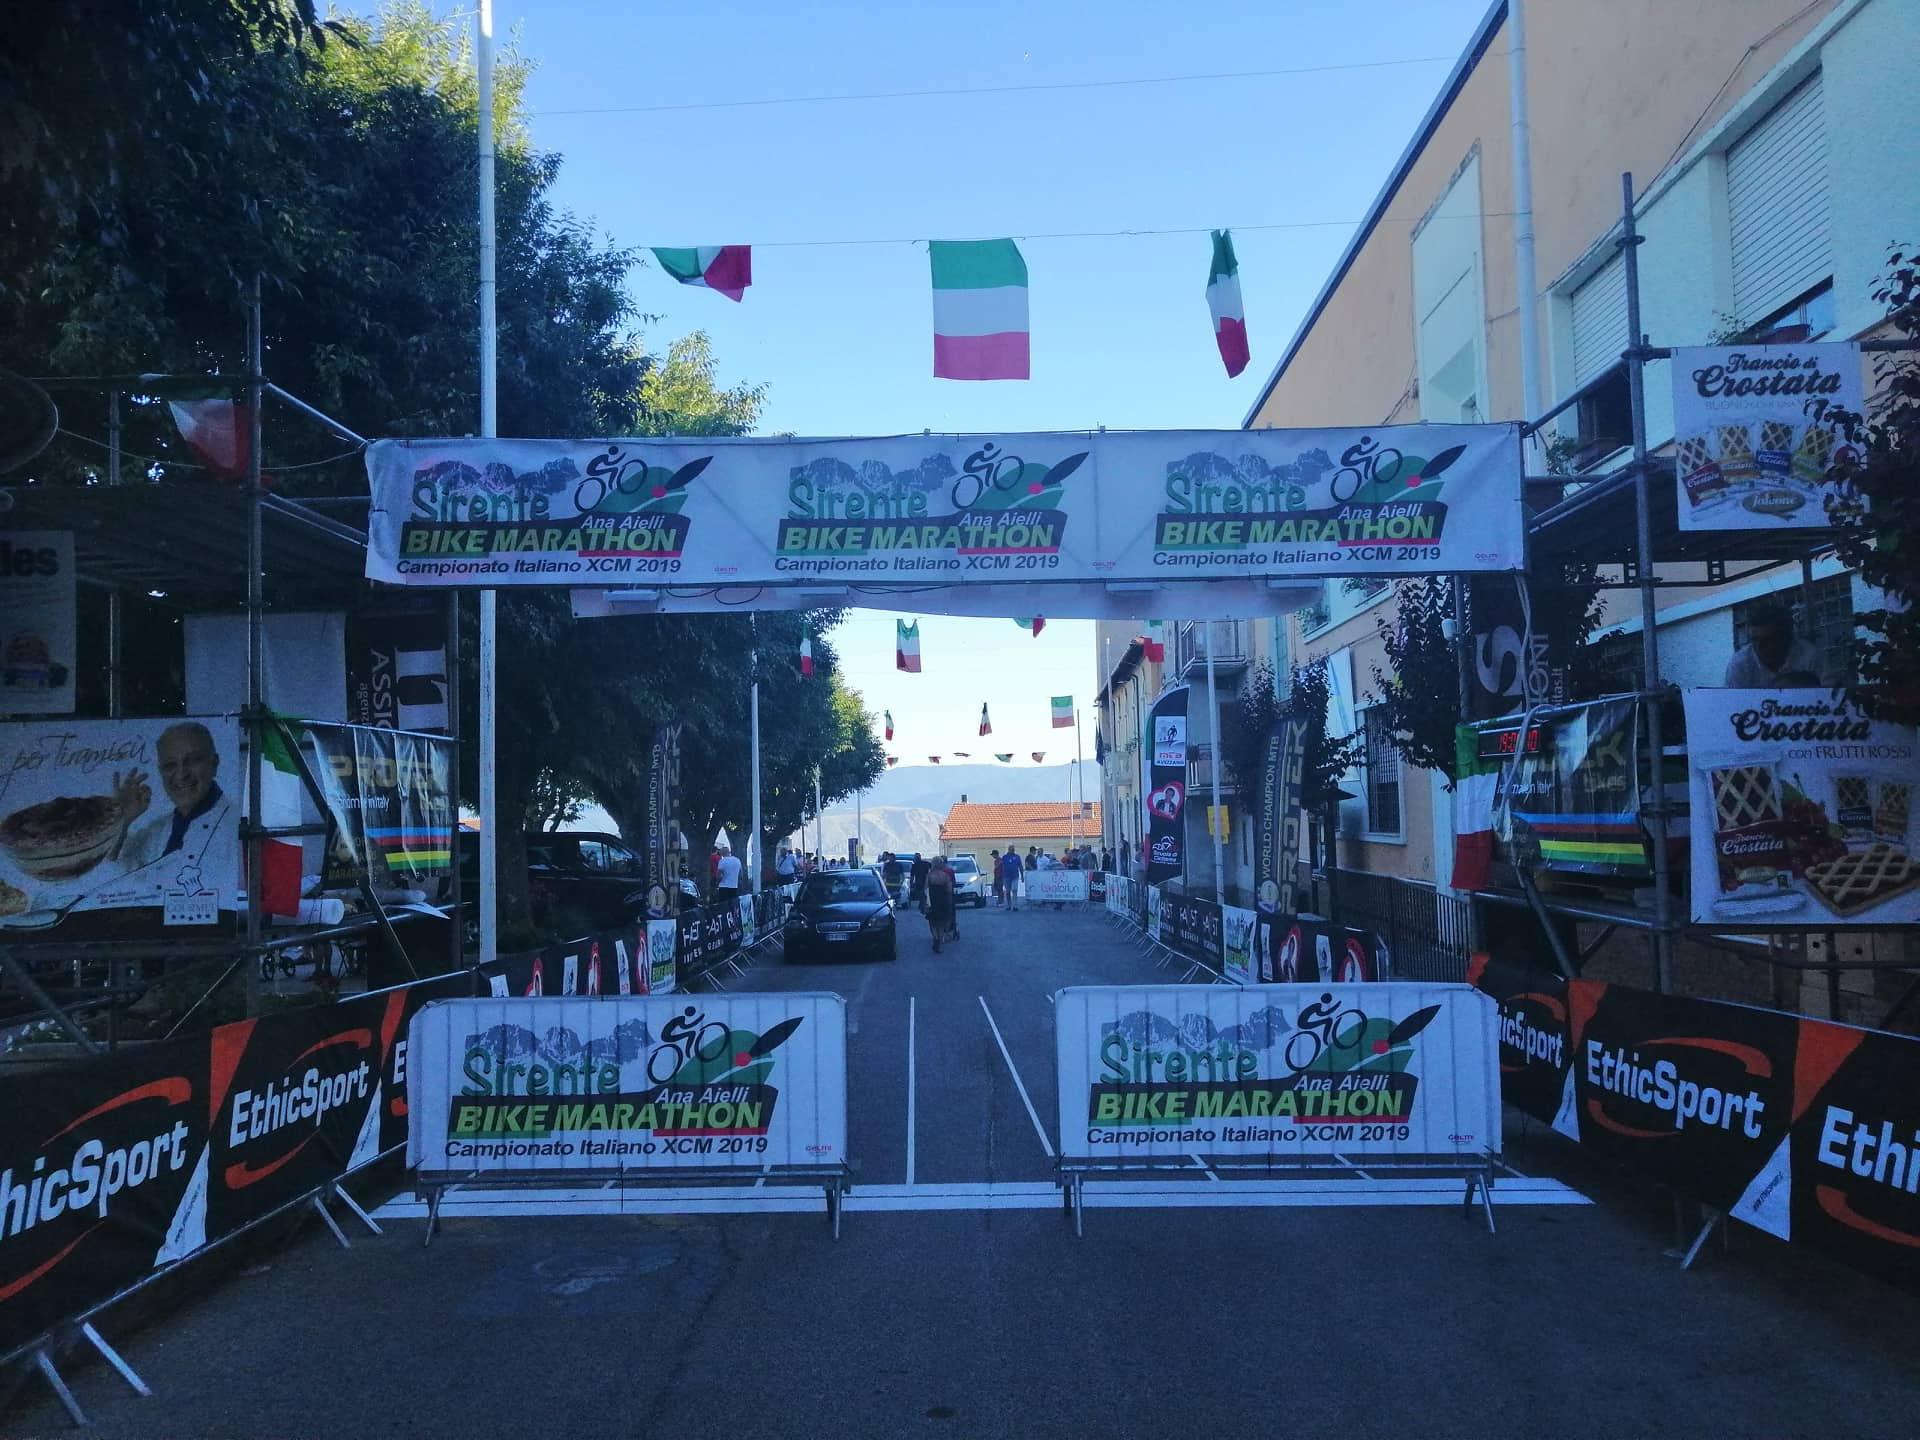 Sirente Bike Marathon: entusiasmo crescente alla vigilia del tricolore marathon FCI